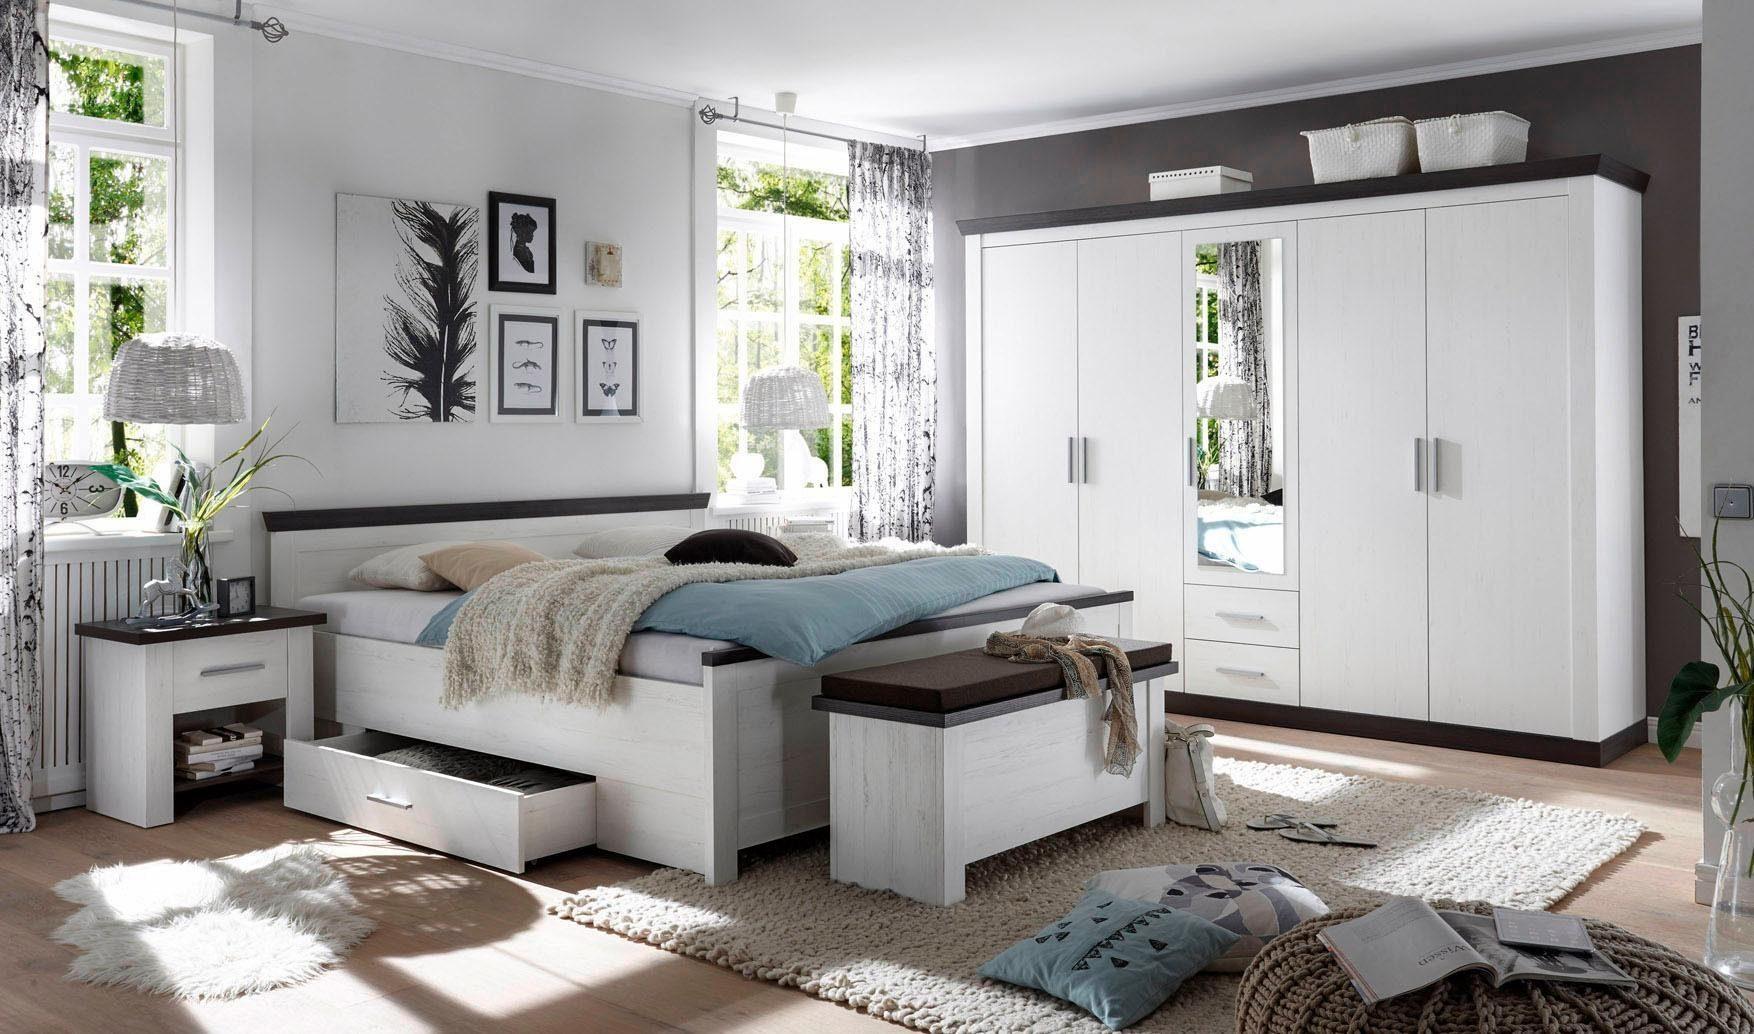 Slaapkamer Compleet Goedkoop : Slaapkamer compleet goedkoop goedkope complete slaapkamer met